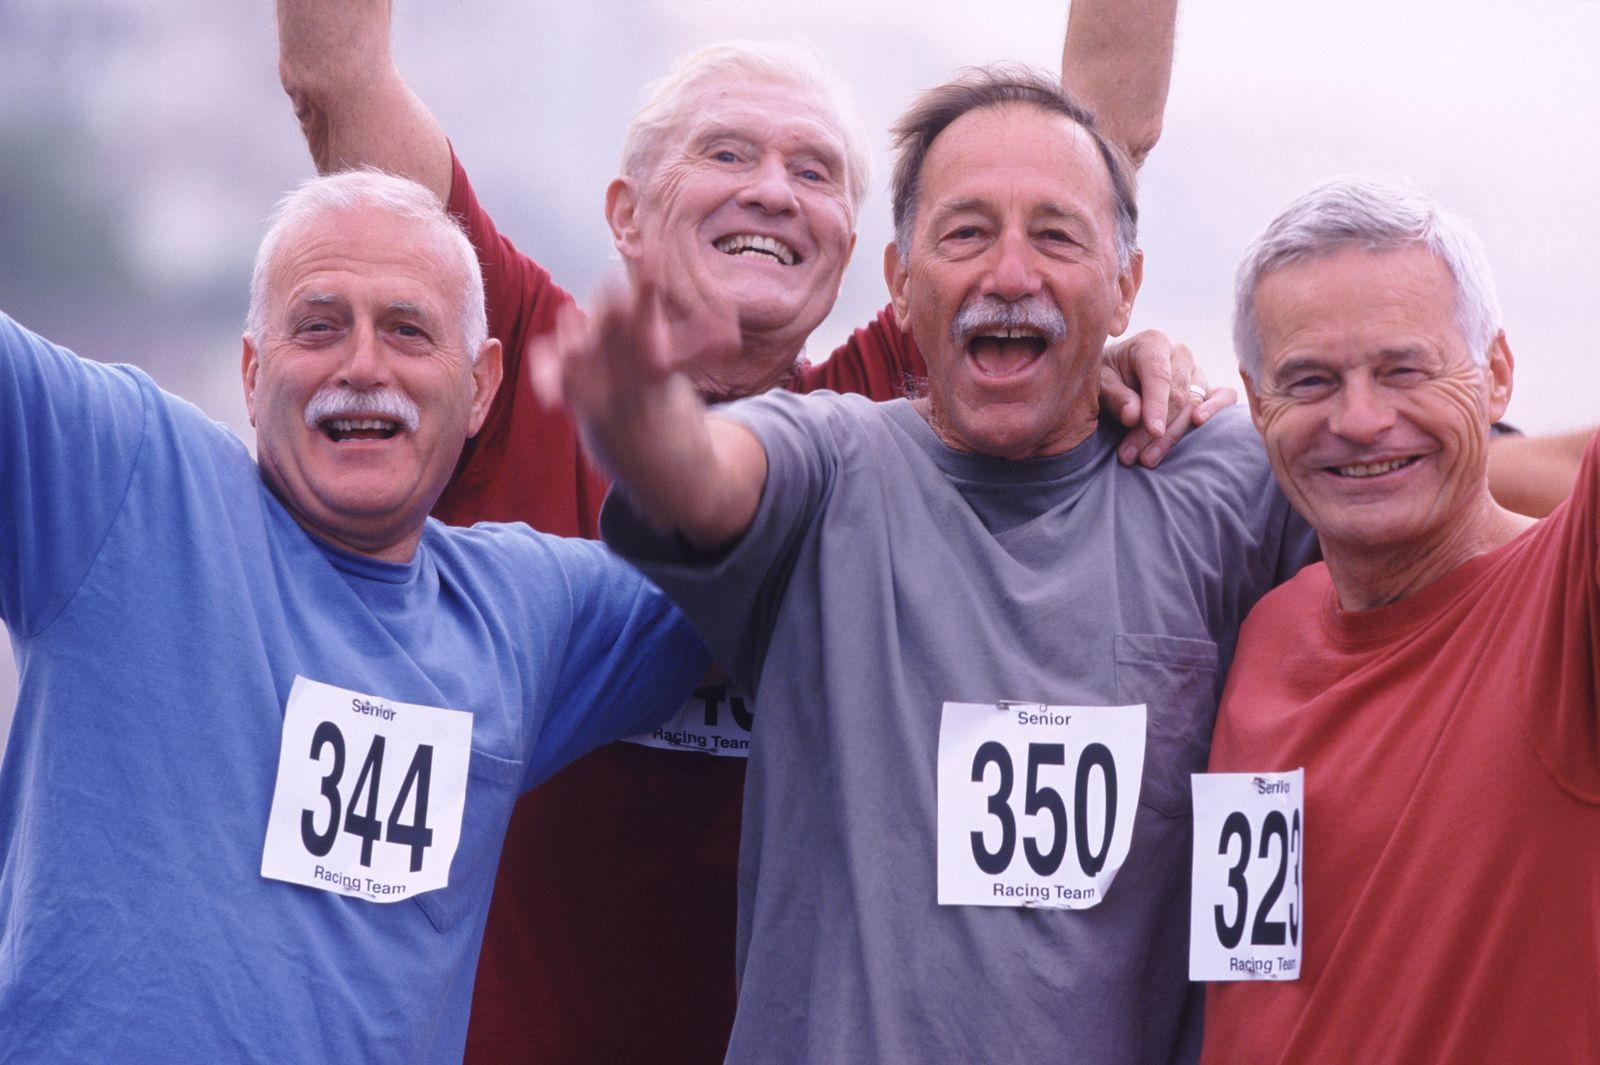 NICHT MEHR VERWENDEN! - EINMALIGE VERWENDUNG Senioren / Sport